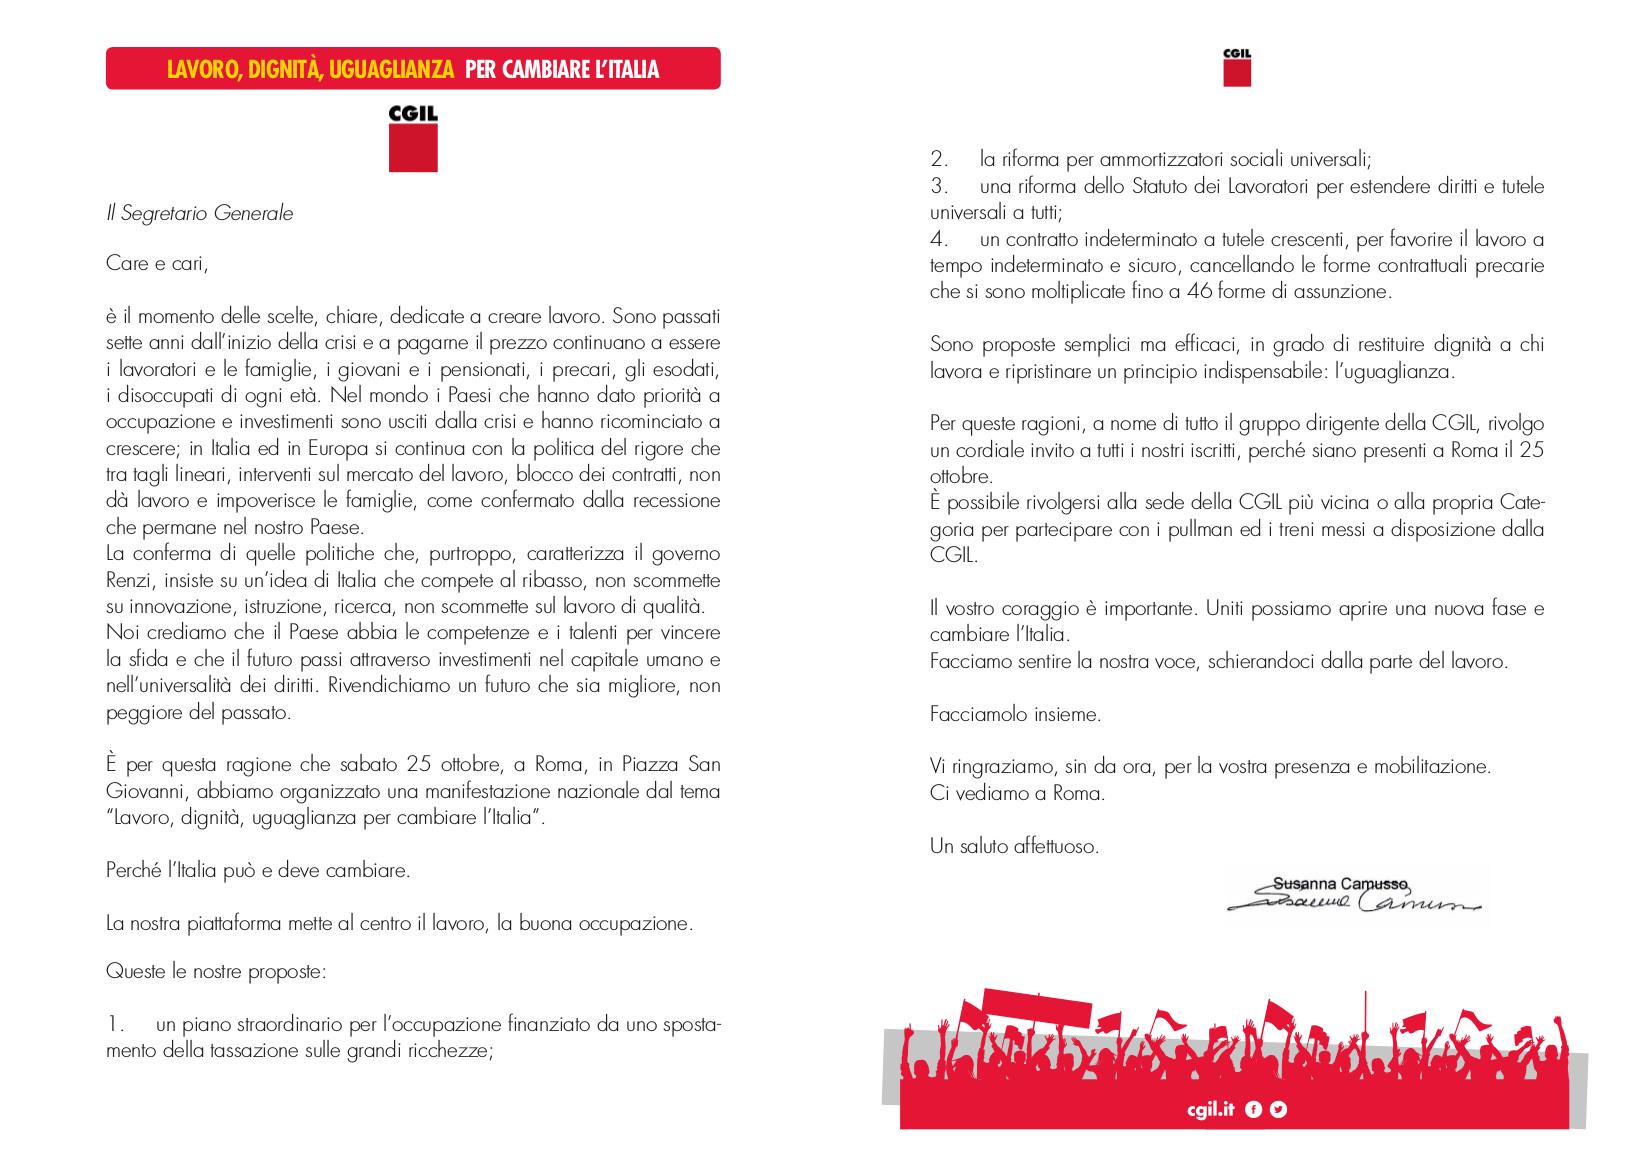 Lettera-Camusso-25ottobre2014